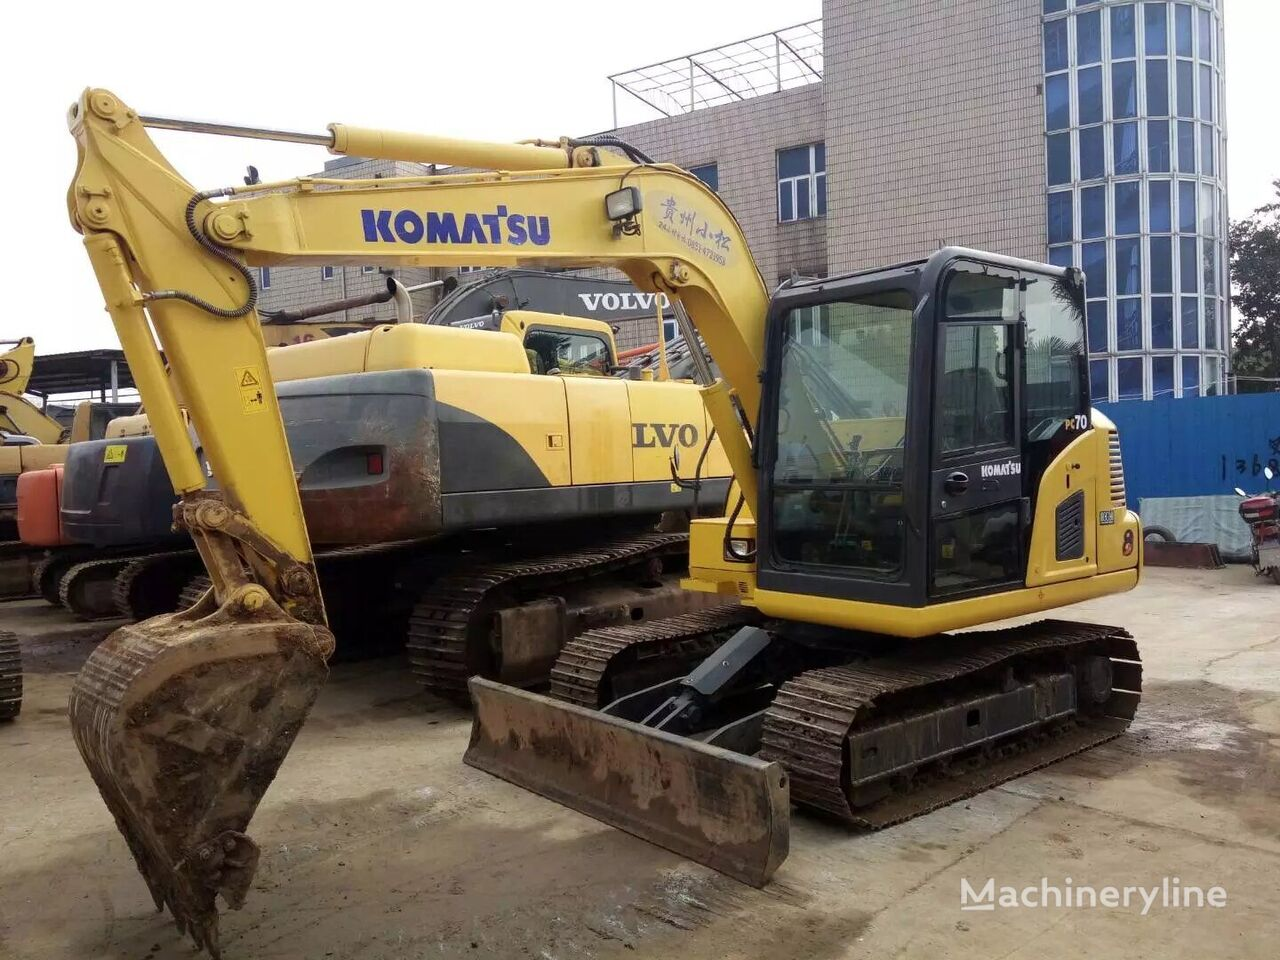 KOMATSU PC60 mini excavator